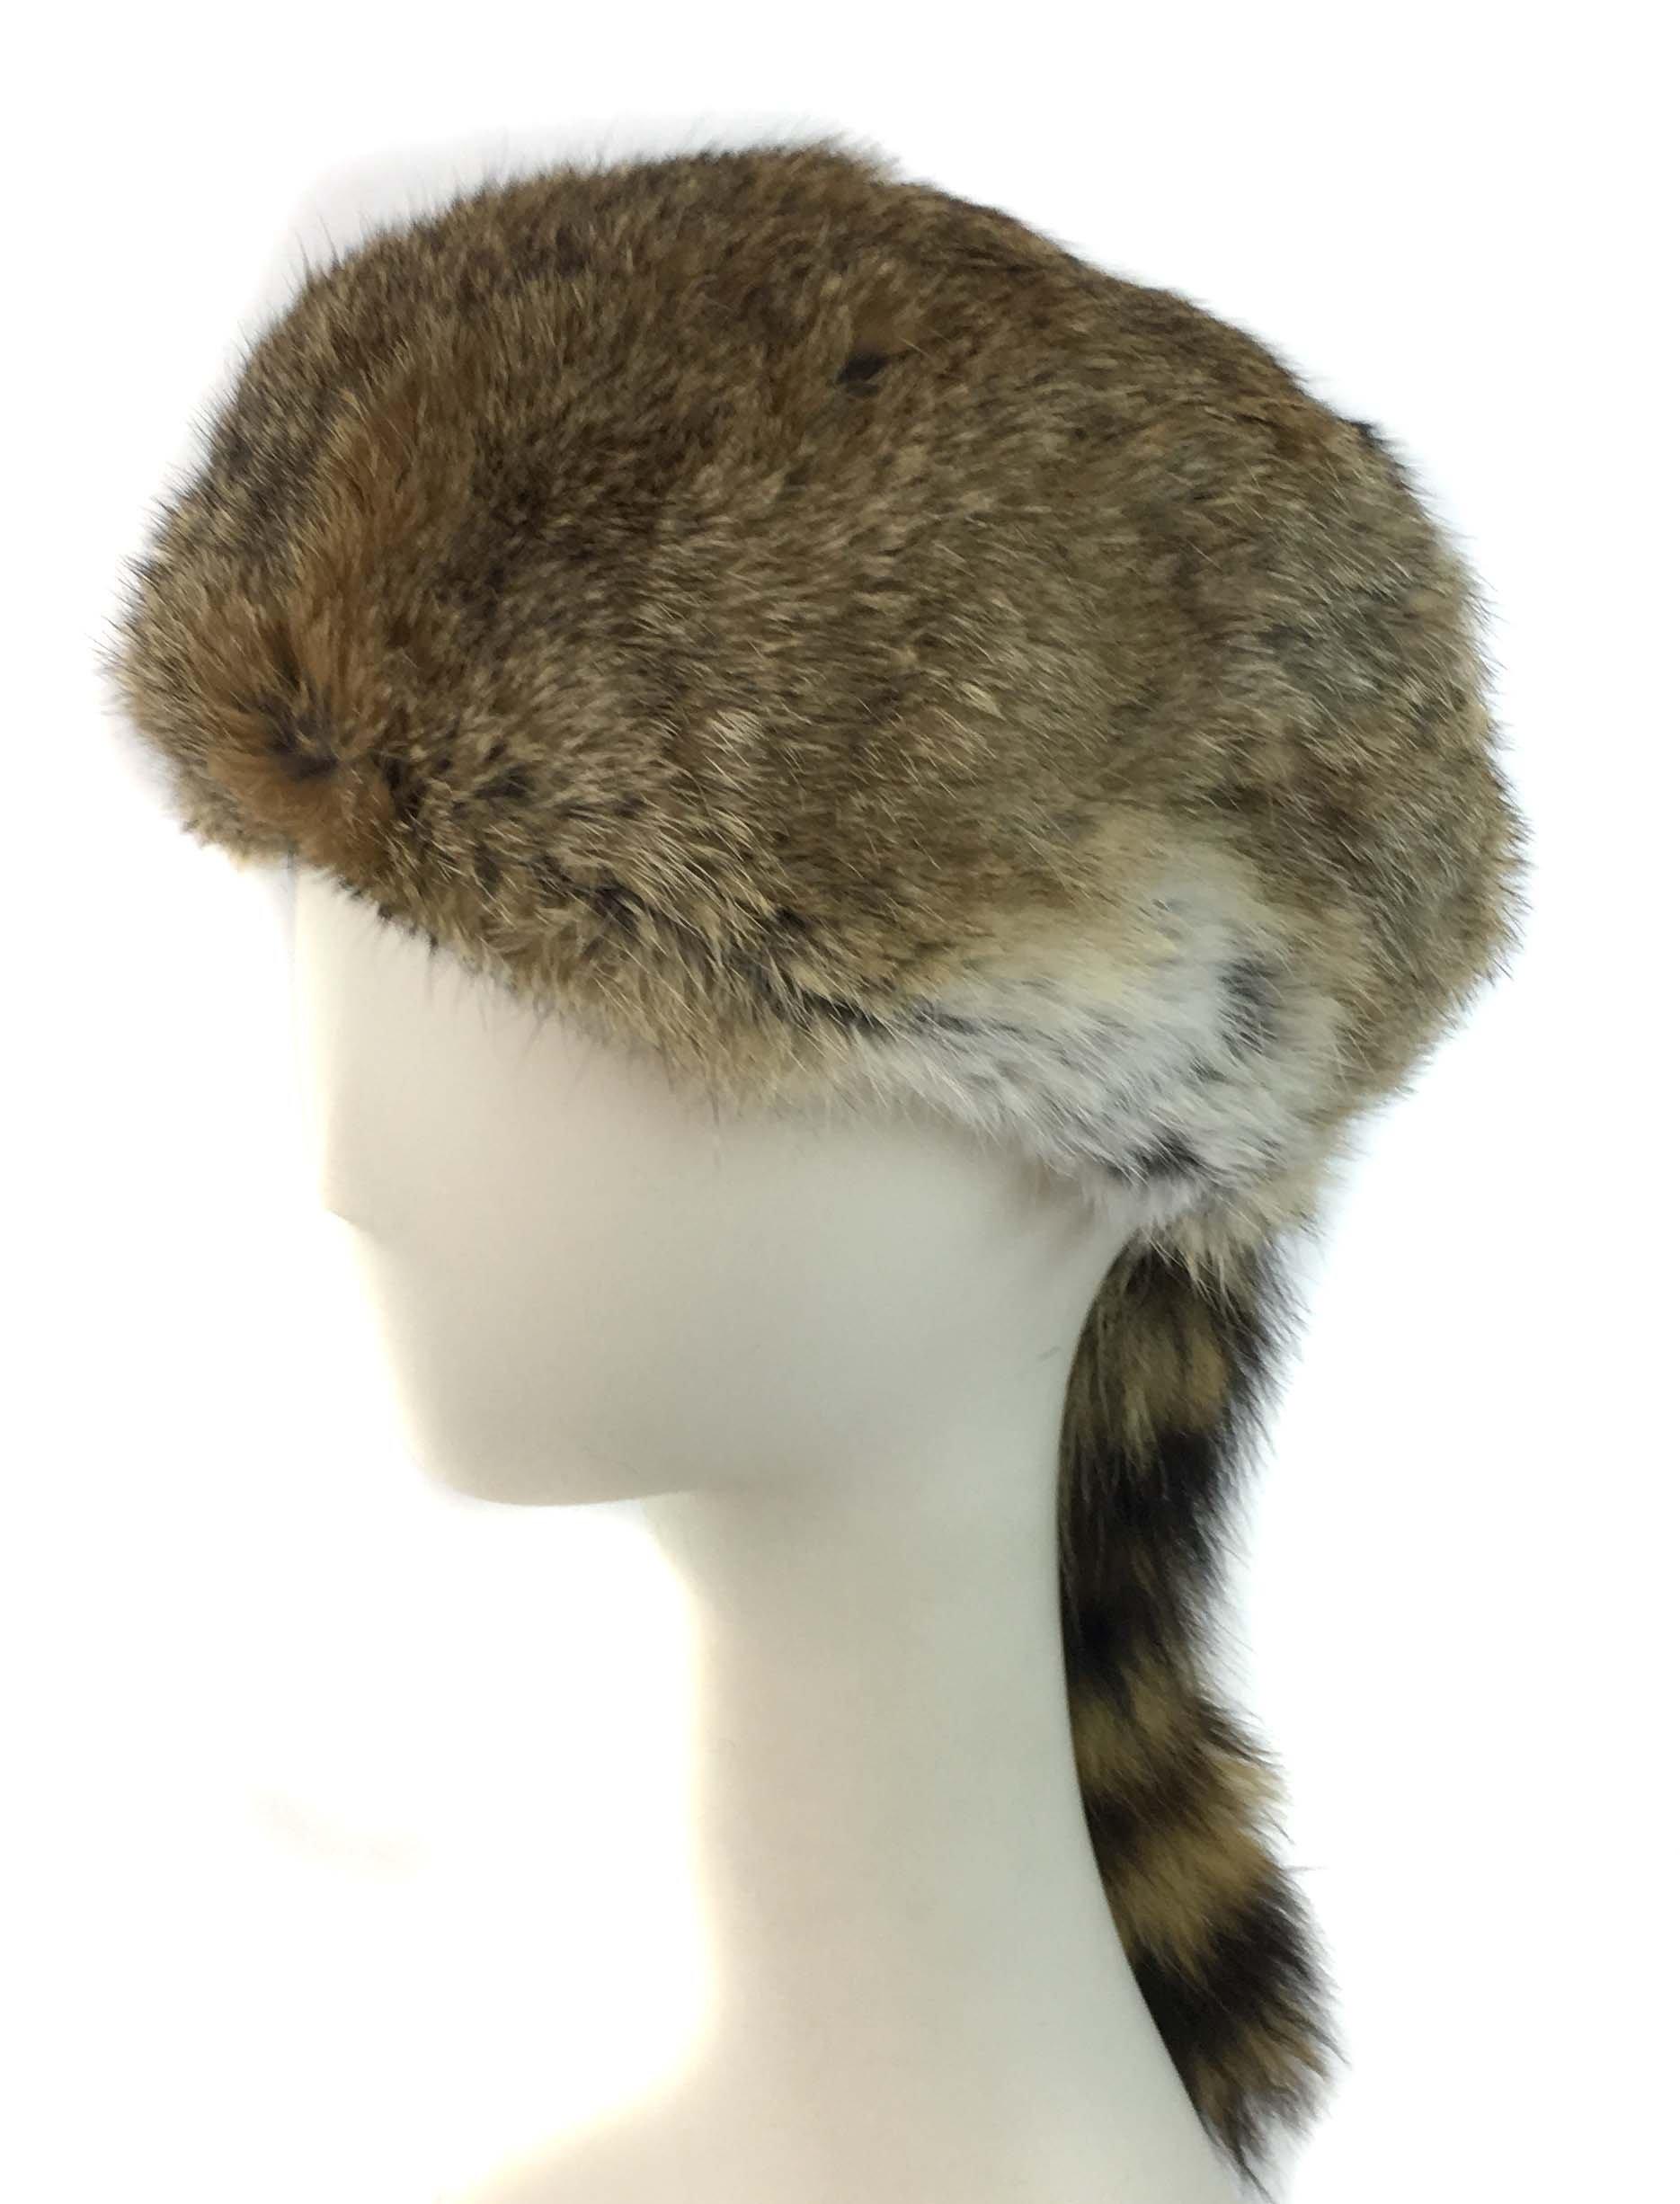 Surell Coonskin Davy Crockett Hat - Rabbit Fur Crown - Raccoon Tail Hat